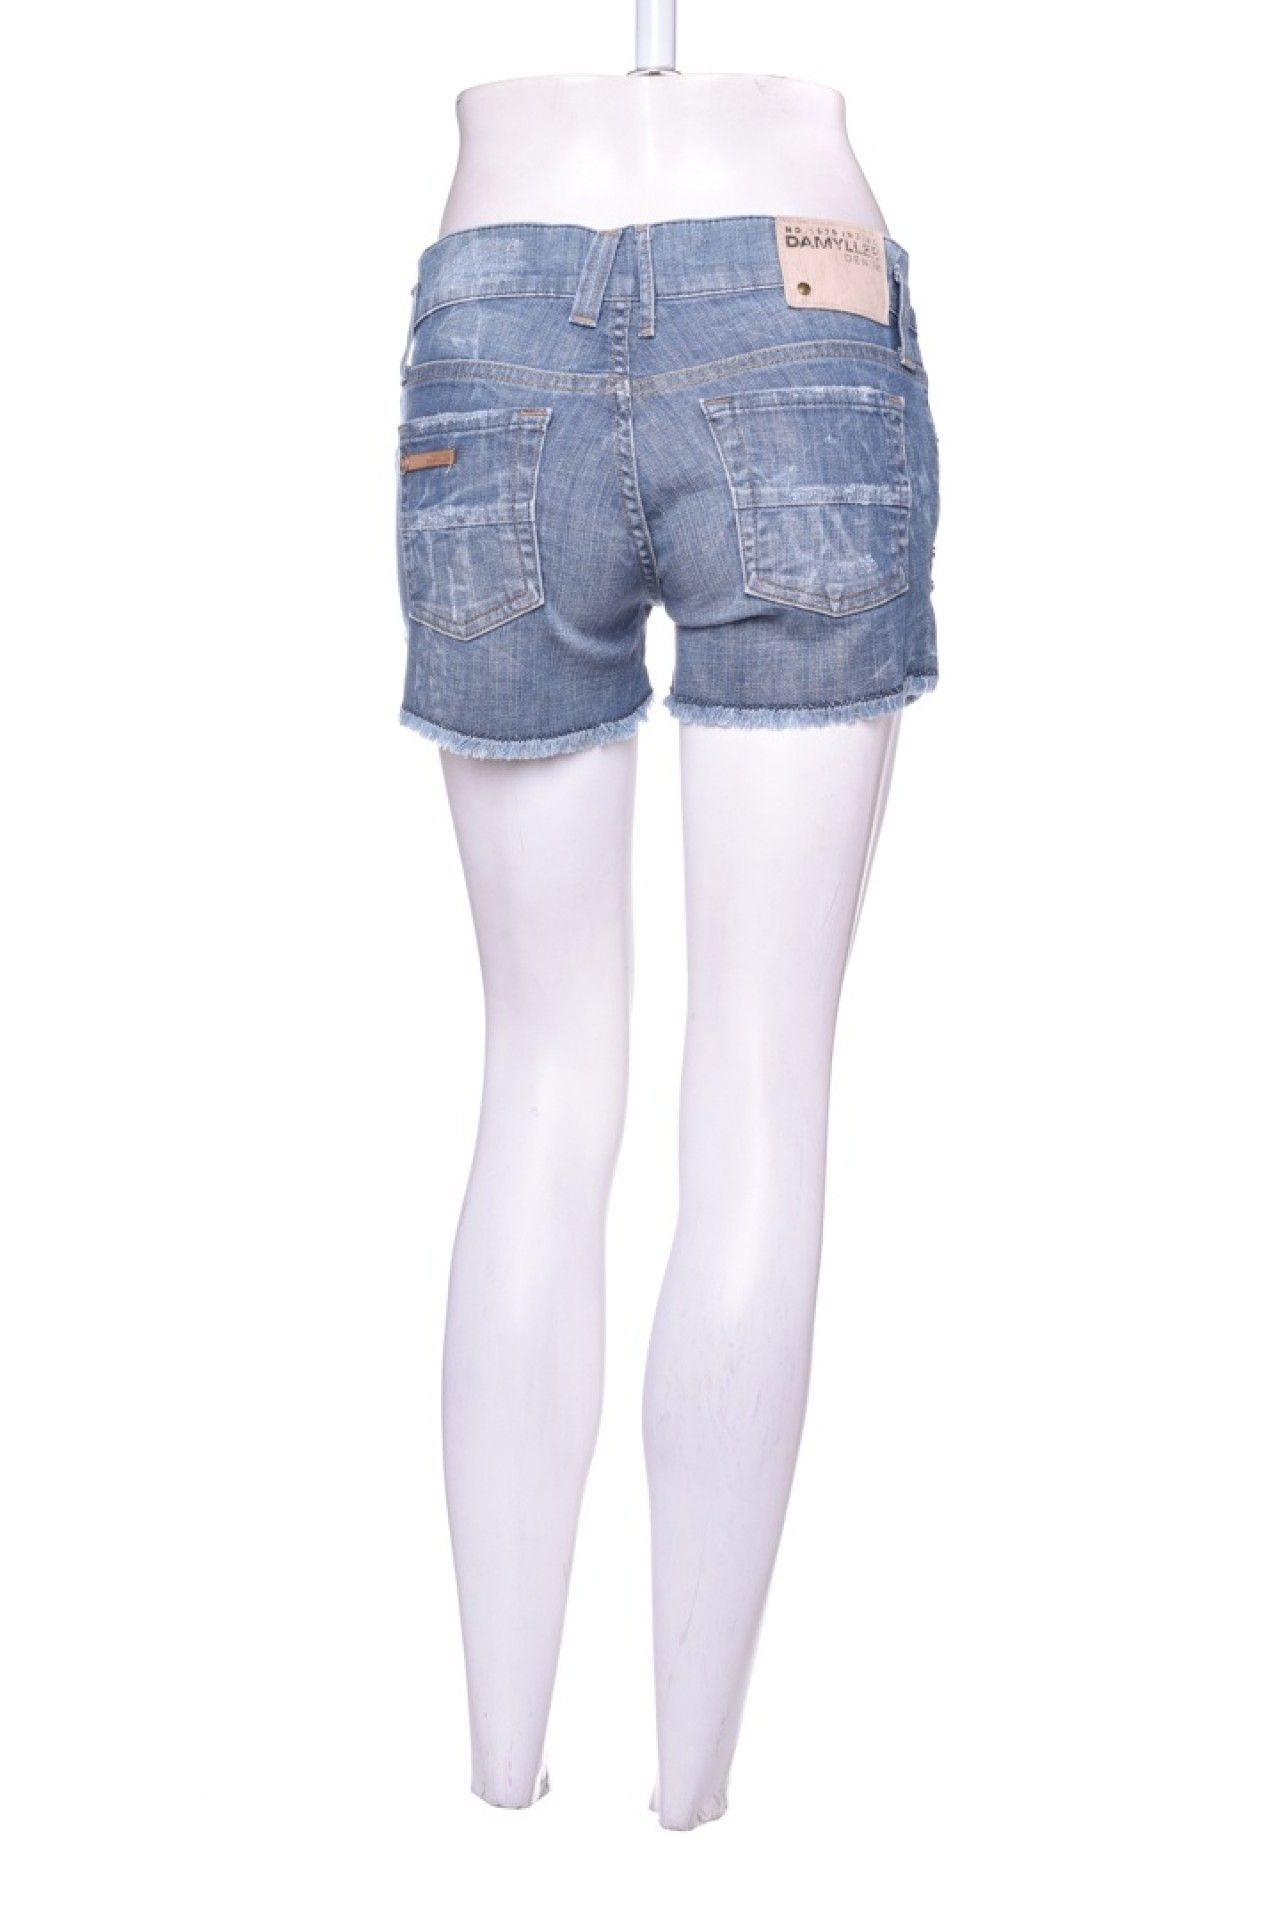 Damyller - Shorts Jeans Lavagem - Foto 3